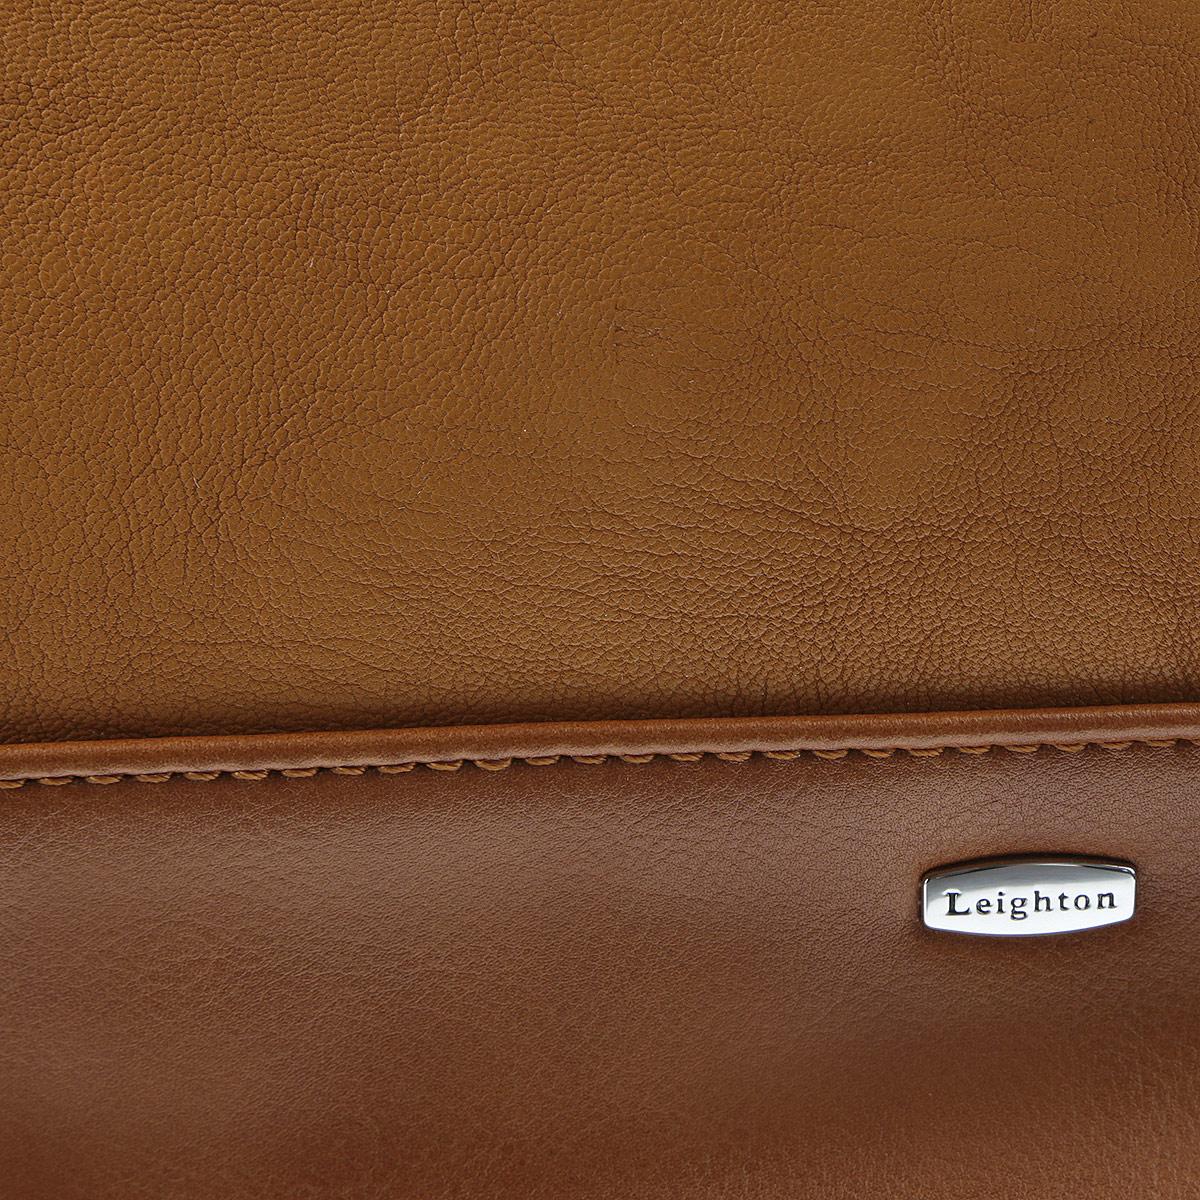 Сумка женская Leighton, цвет: темно-коричневый, светло-коричневый, черный. 580189-3799/2/1166/201/11 ( 580189-3799/2/1166/201/11 )